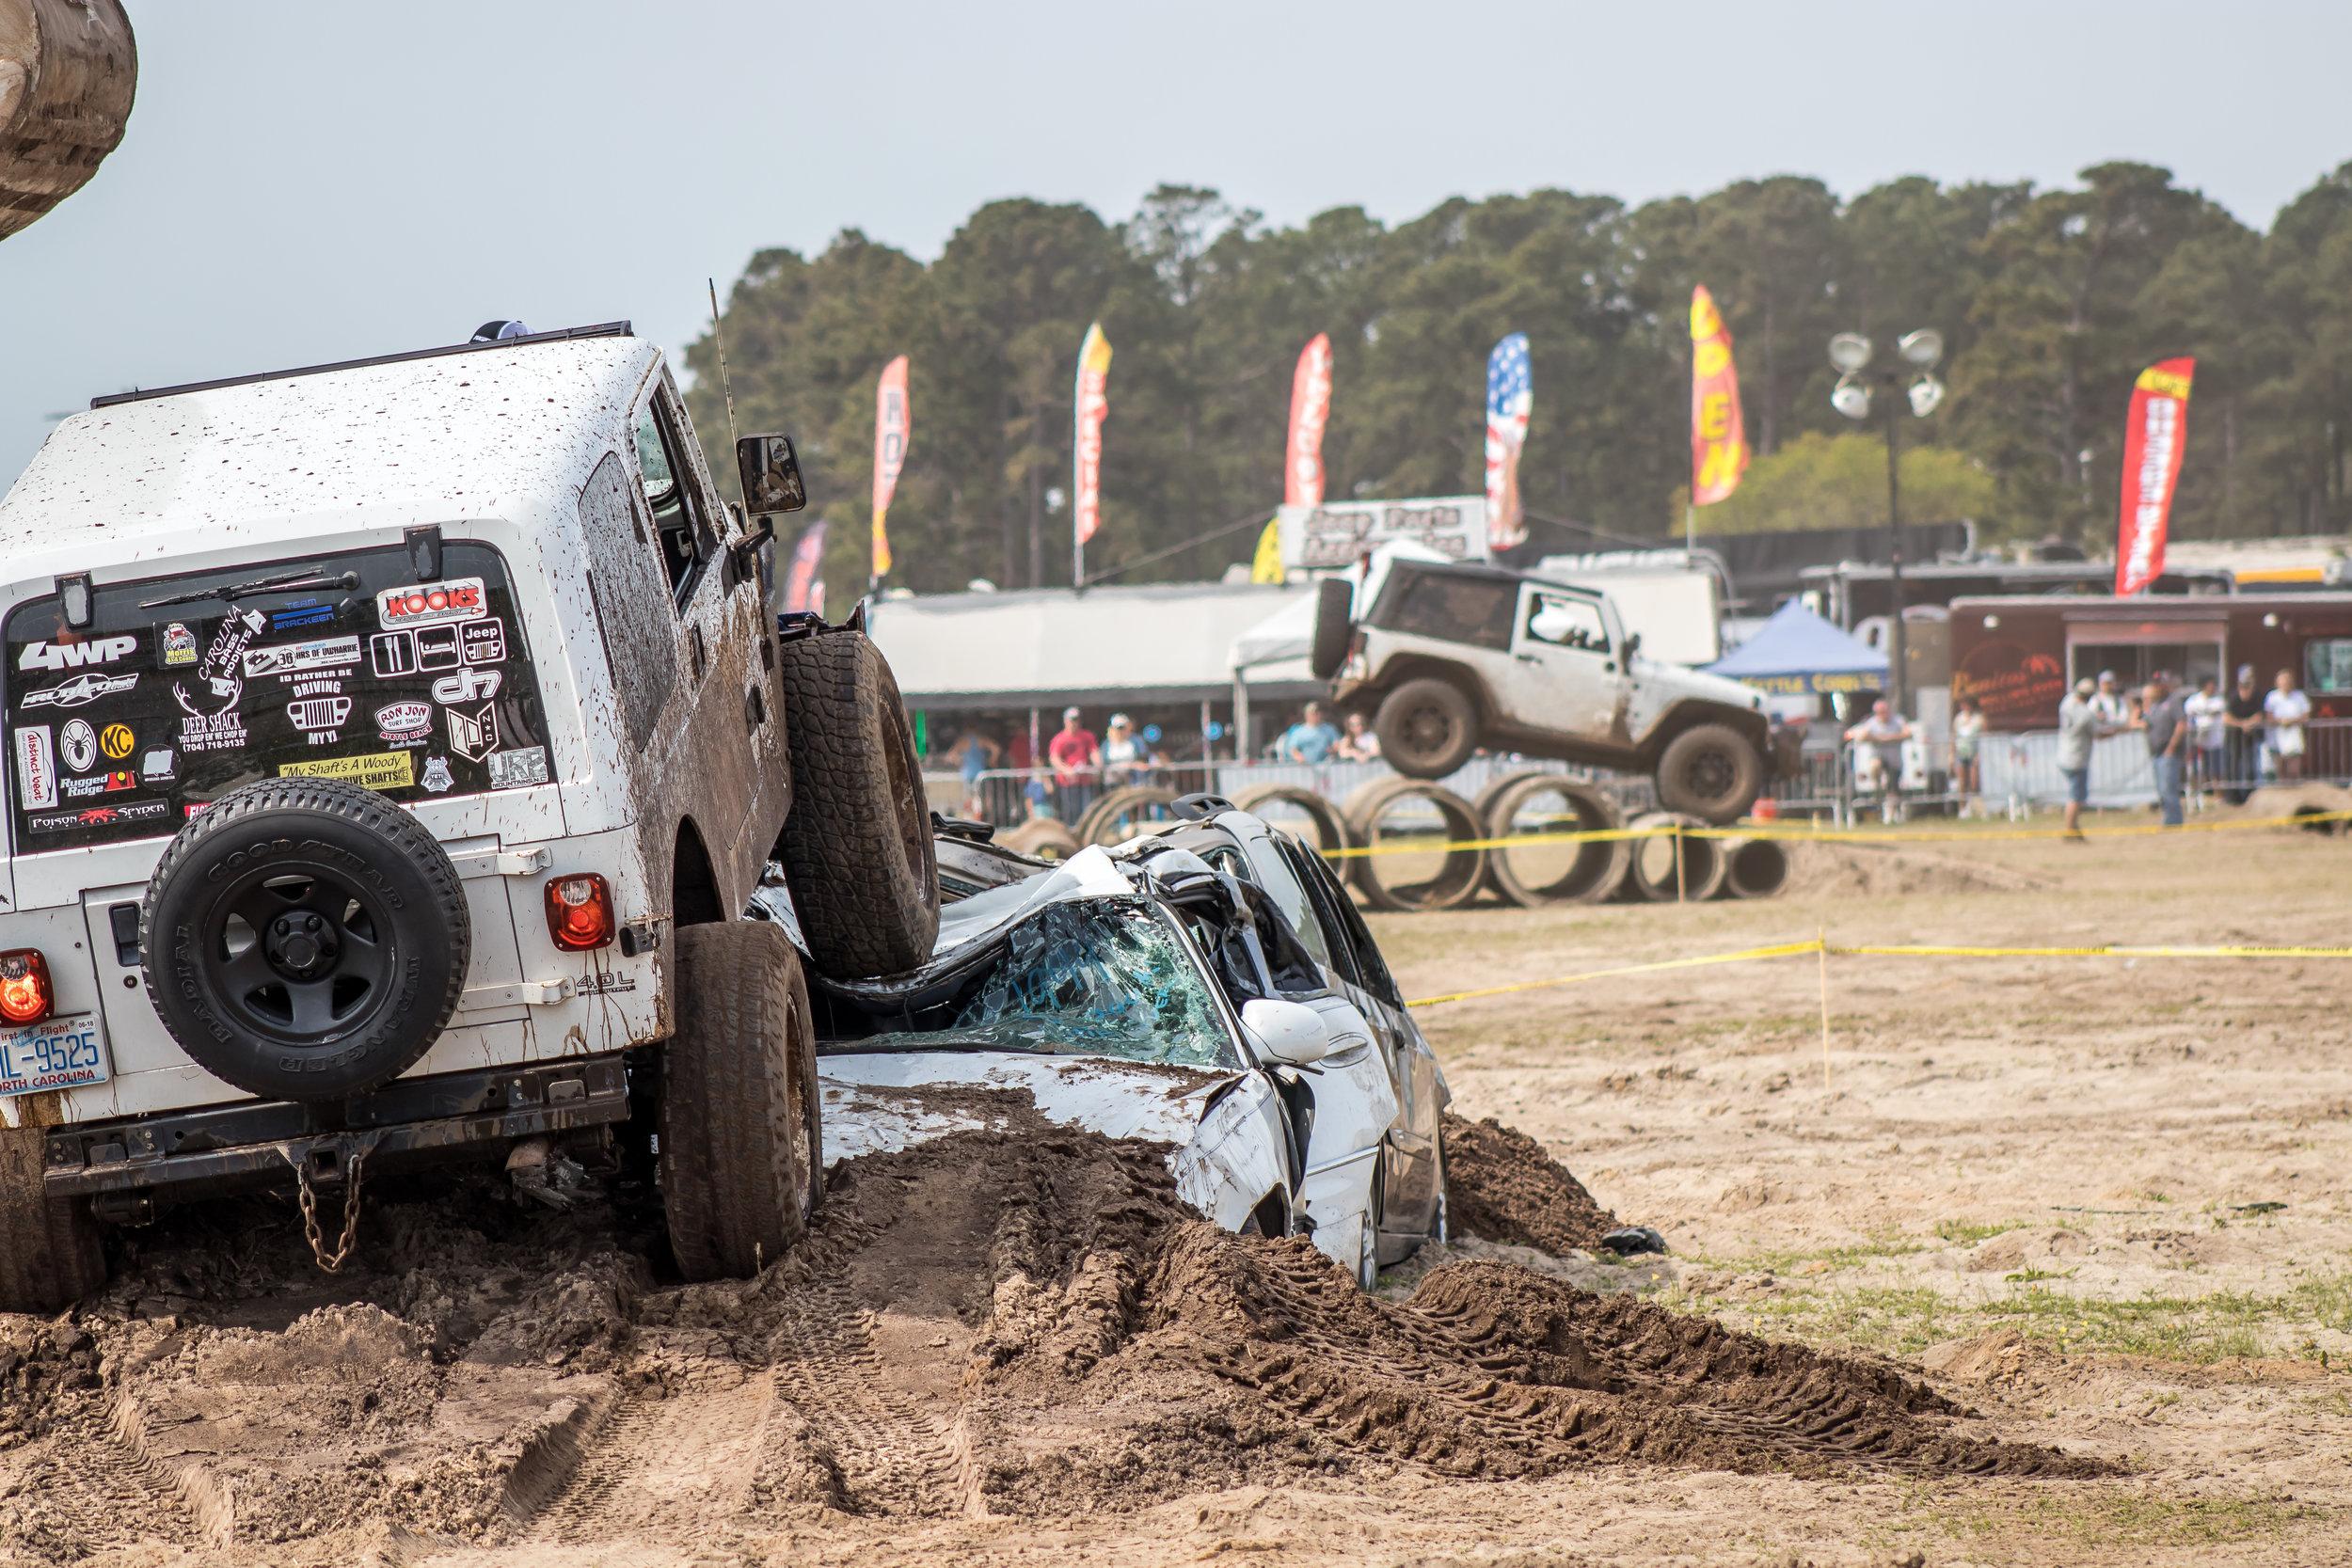 white car crushing2.jpg